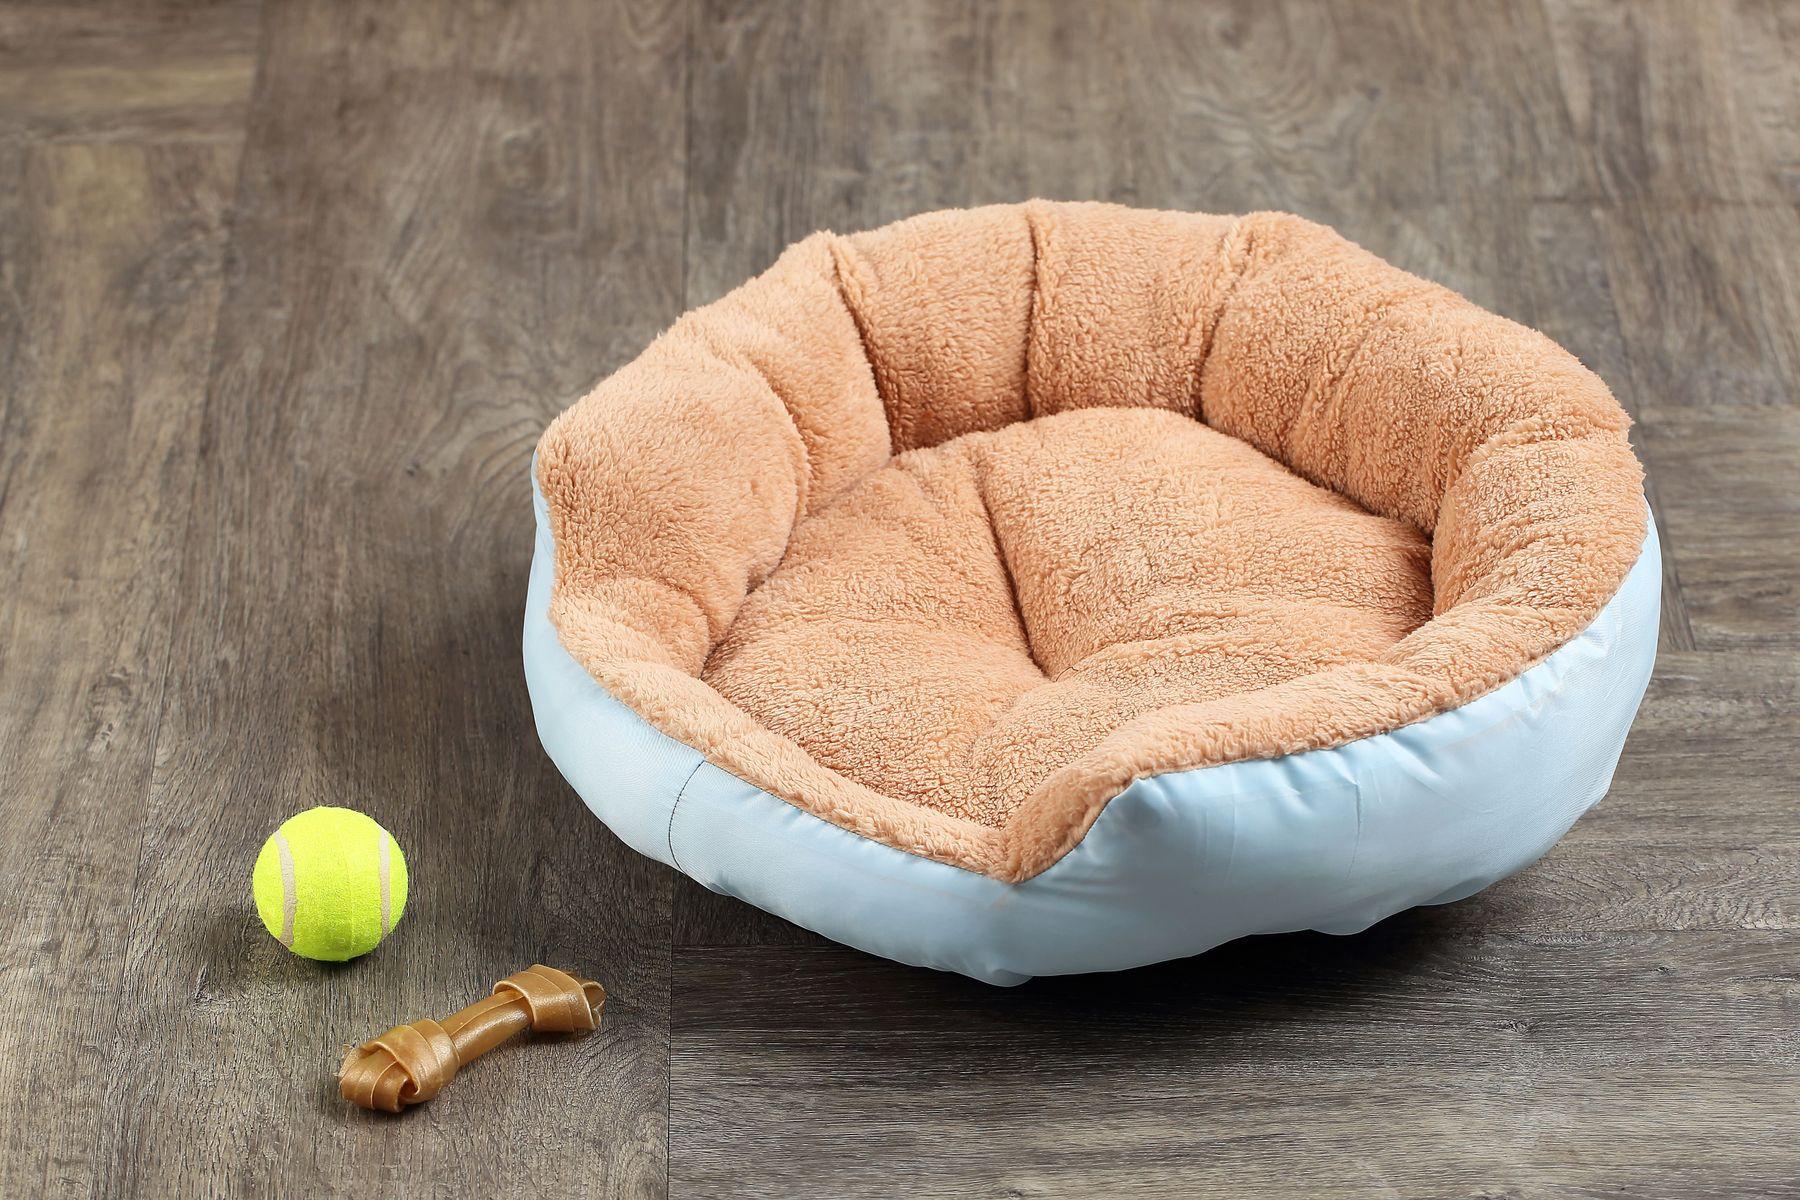 balle de tennis, os et lit de chien sur le plancher en bois